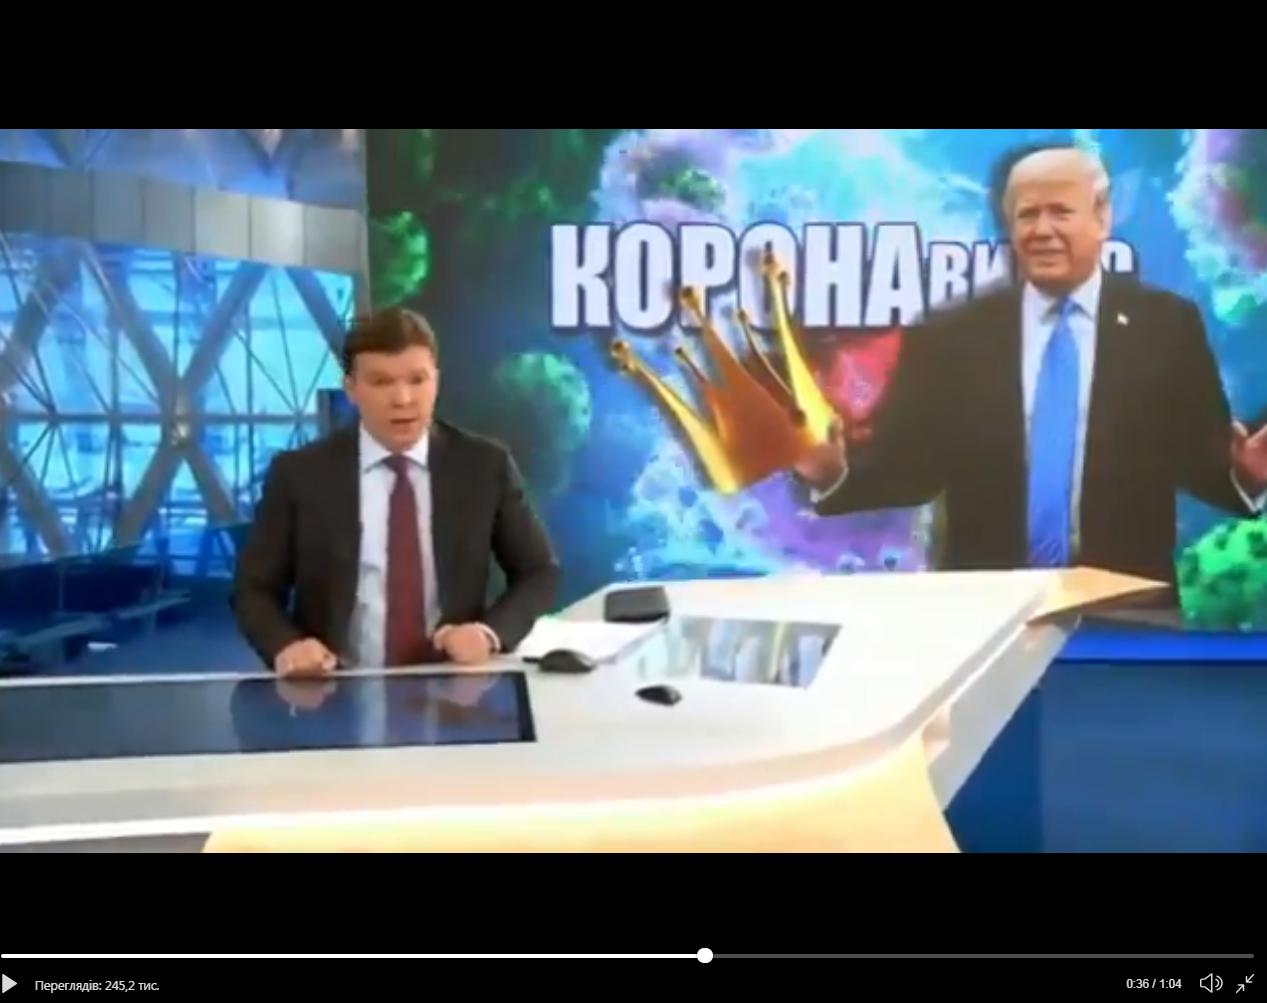 """""""Это не фейк"""", - росТВ обвинило Трампа в распространении коронавируса в Китае - видео"""